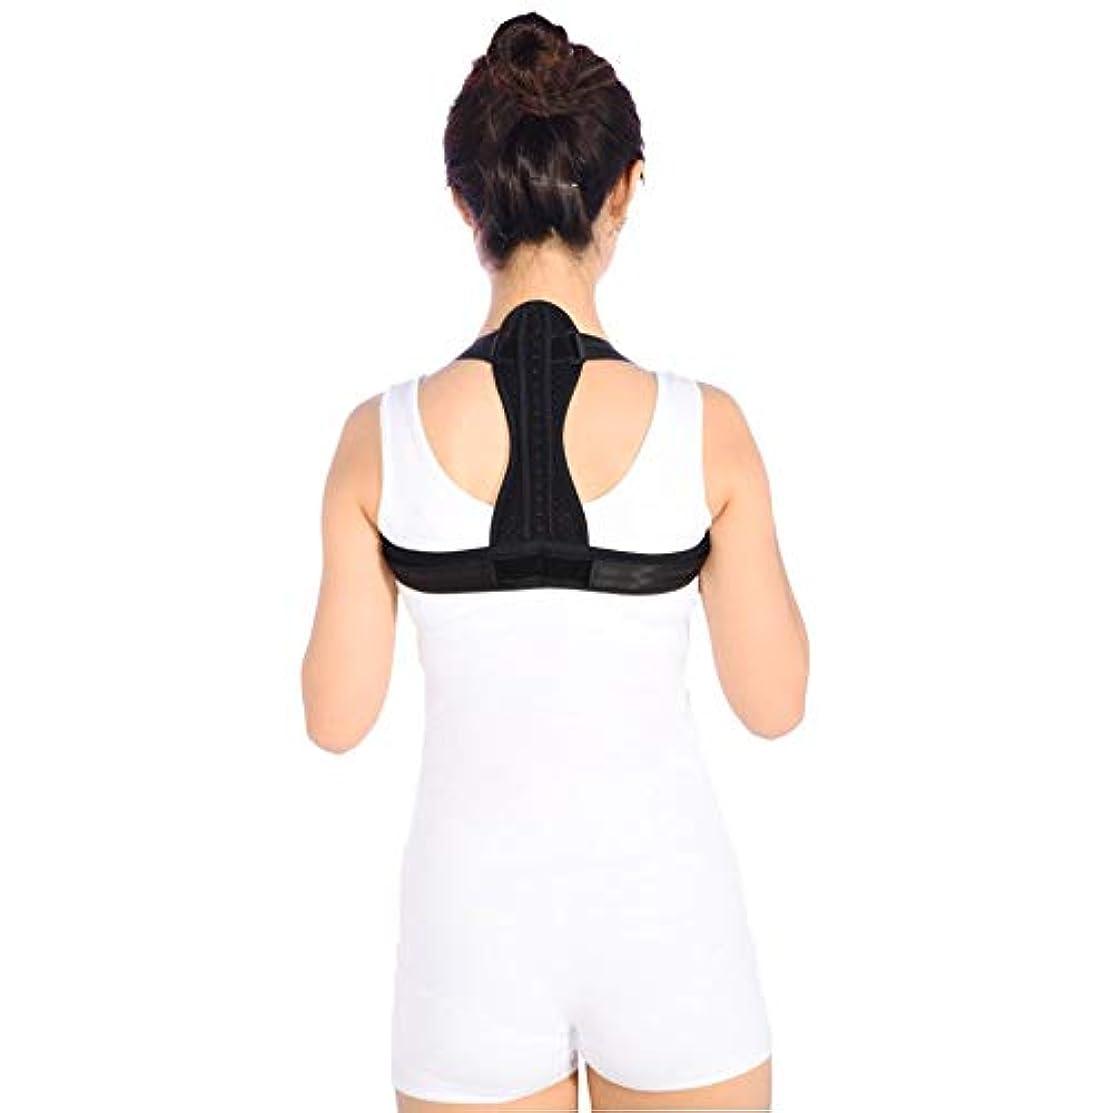 レンドアクセントねばねば通気性の脊柱側弯症ザトウクジラ補正ベルト調節可能な快適さ目に見えないベルト男性女性大人学生子供 - 黒